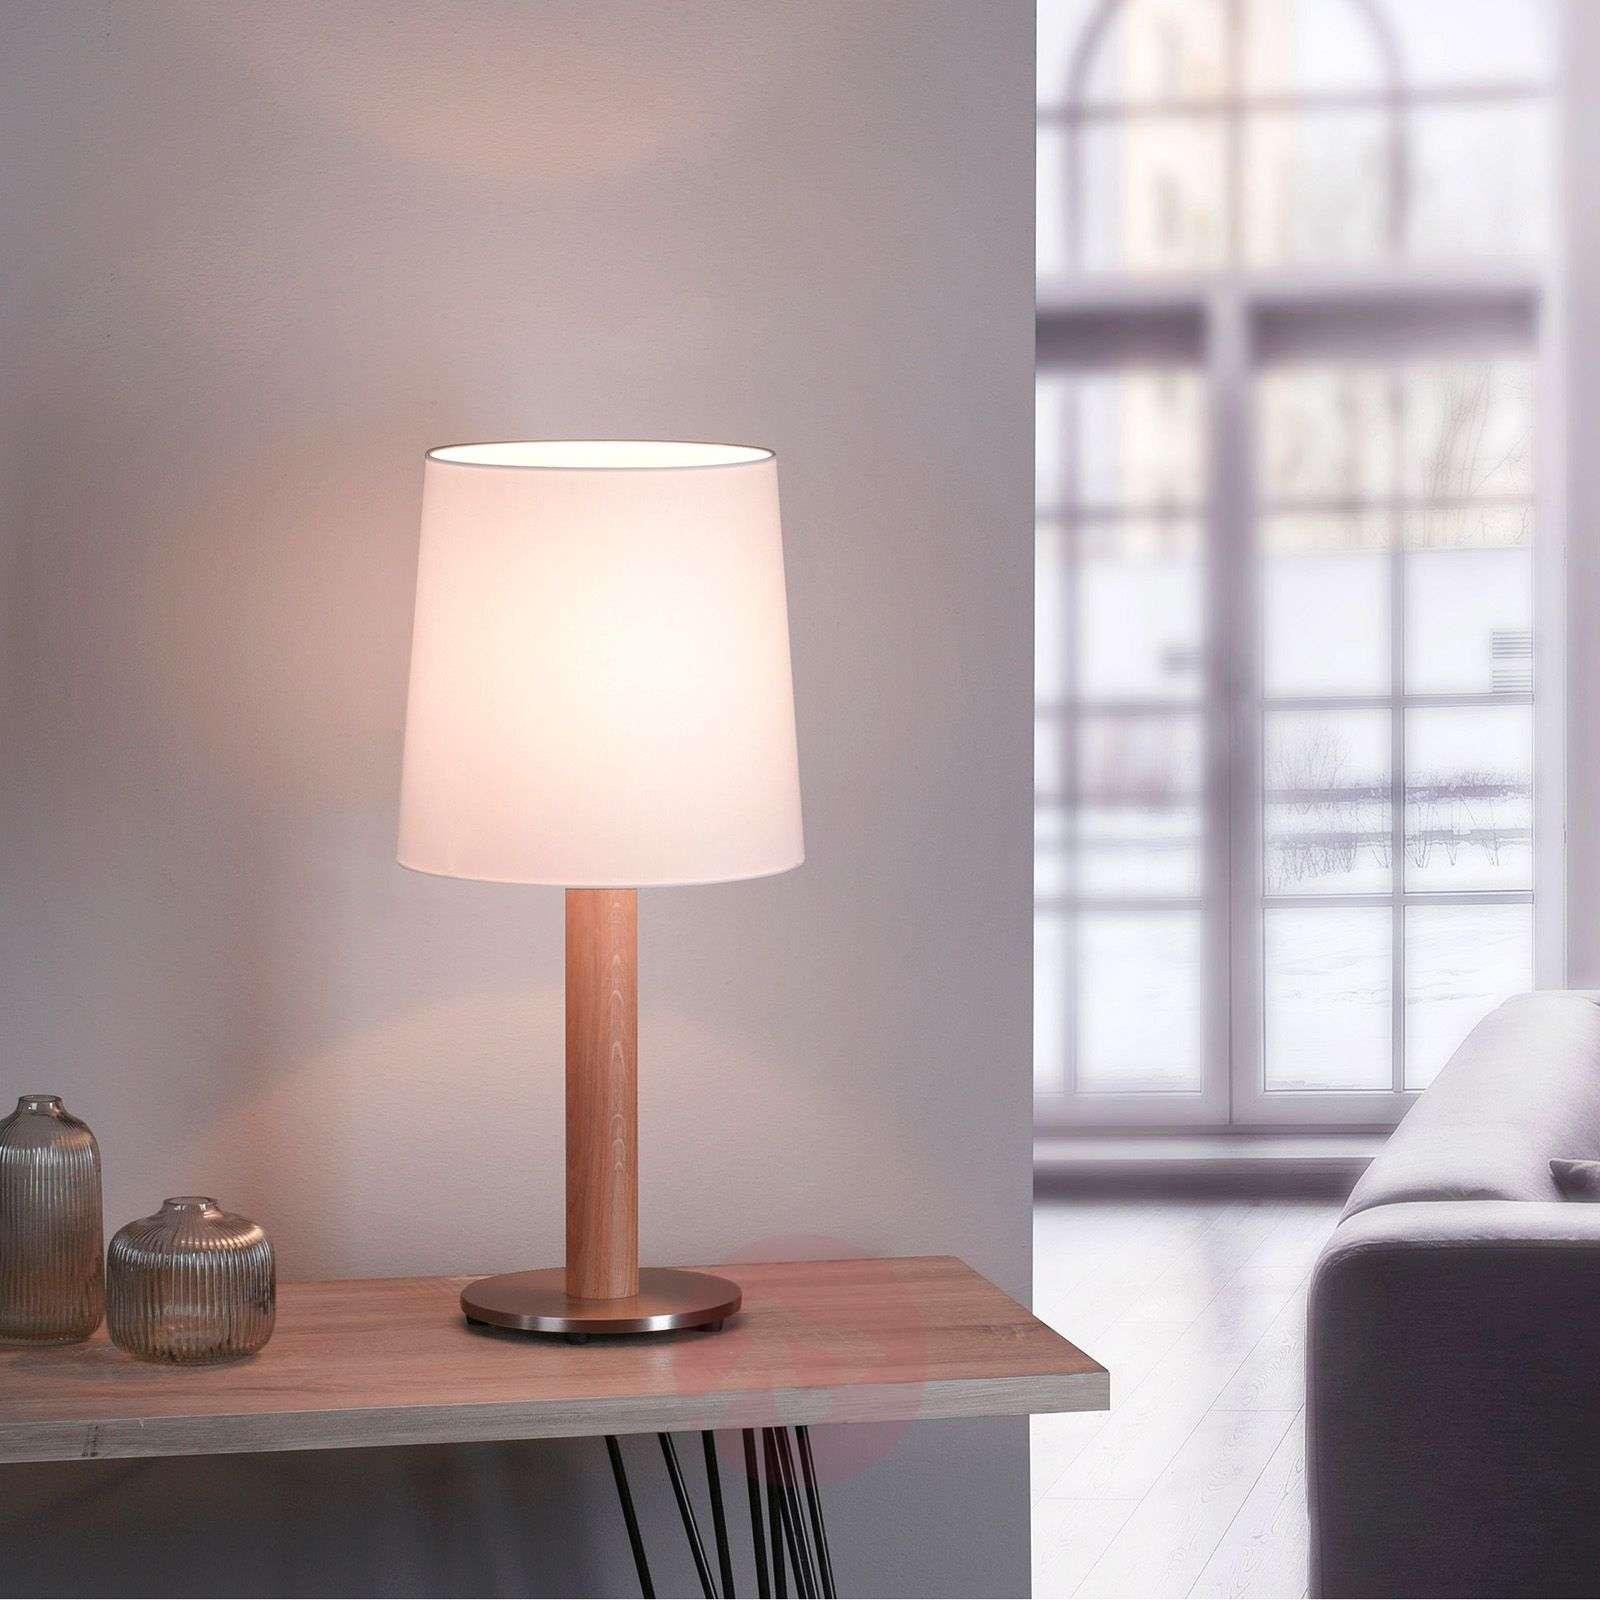 Lucande Elif-pöytä valkoinen sylinteri luonnon-6722600-01